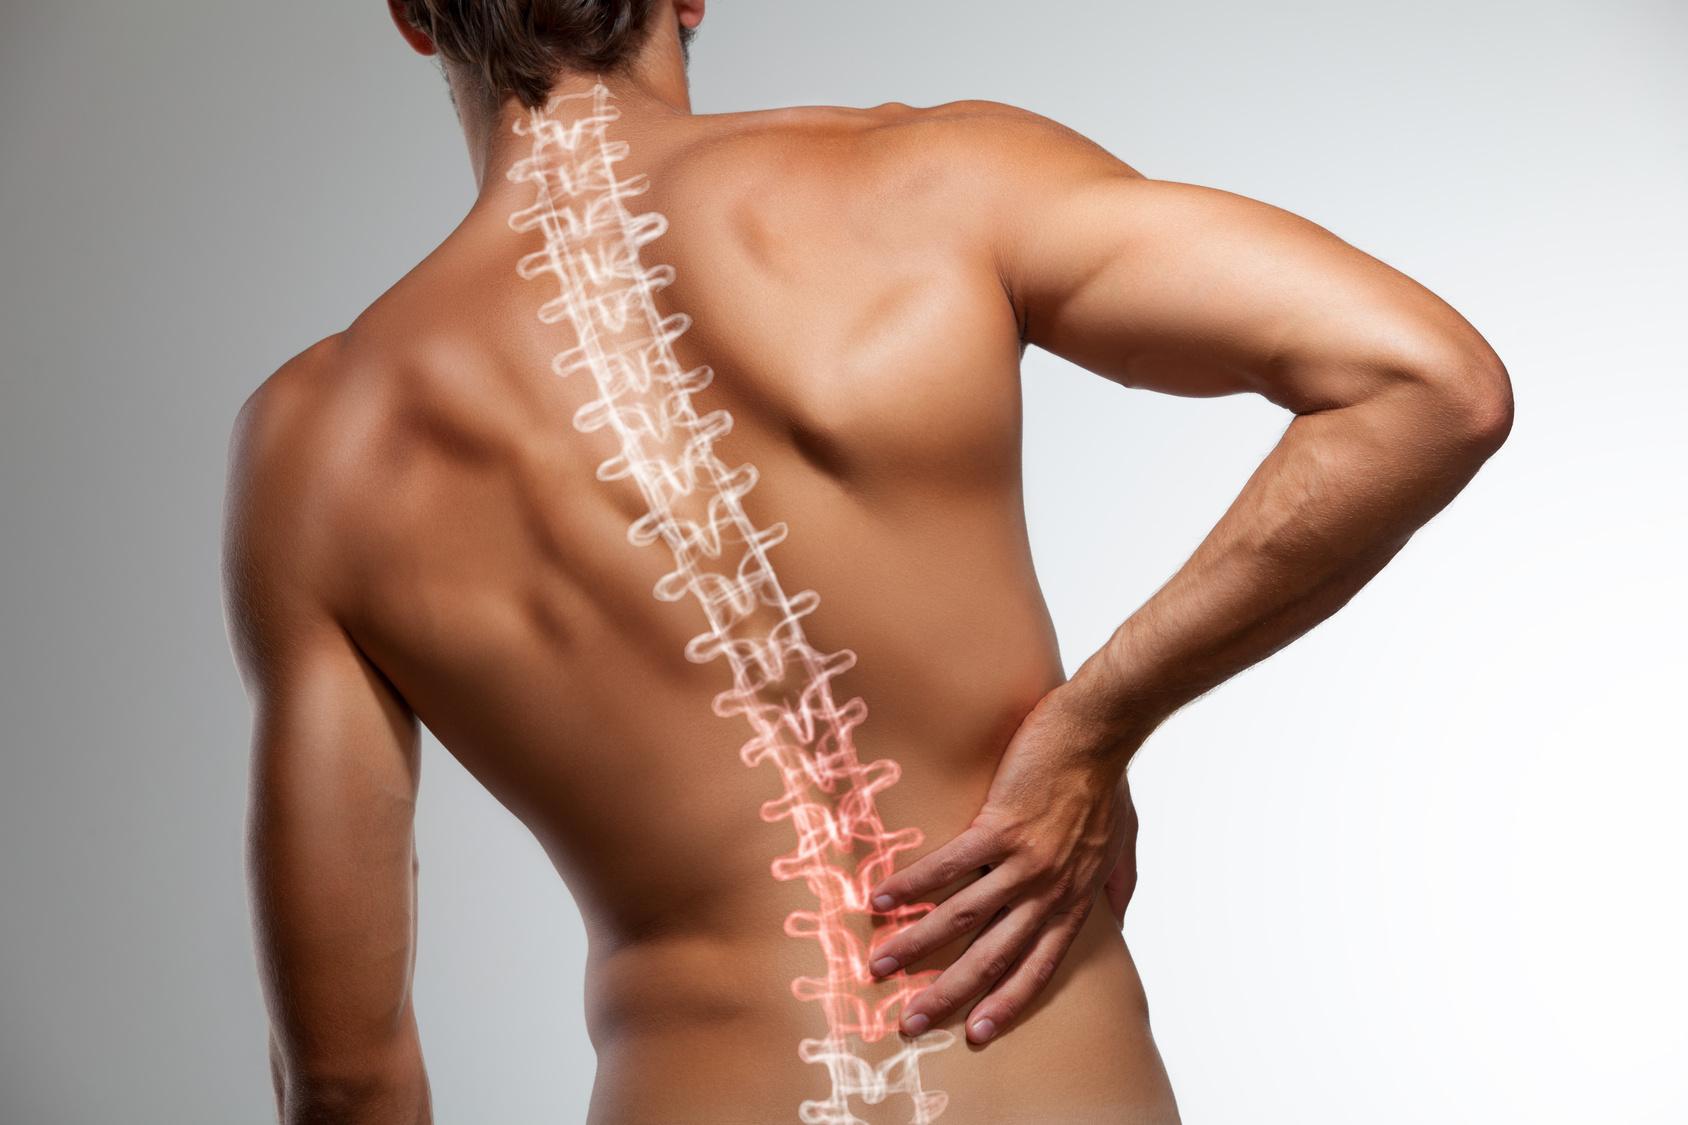 RÜCKENSCHMERZEN - Schmerzen im Rücken und wissen nicht warum?